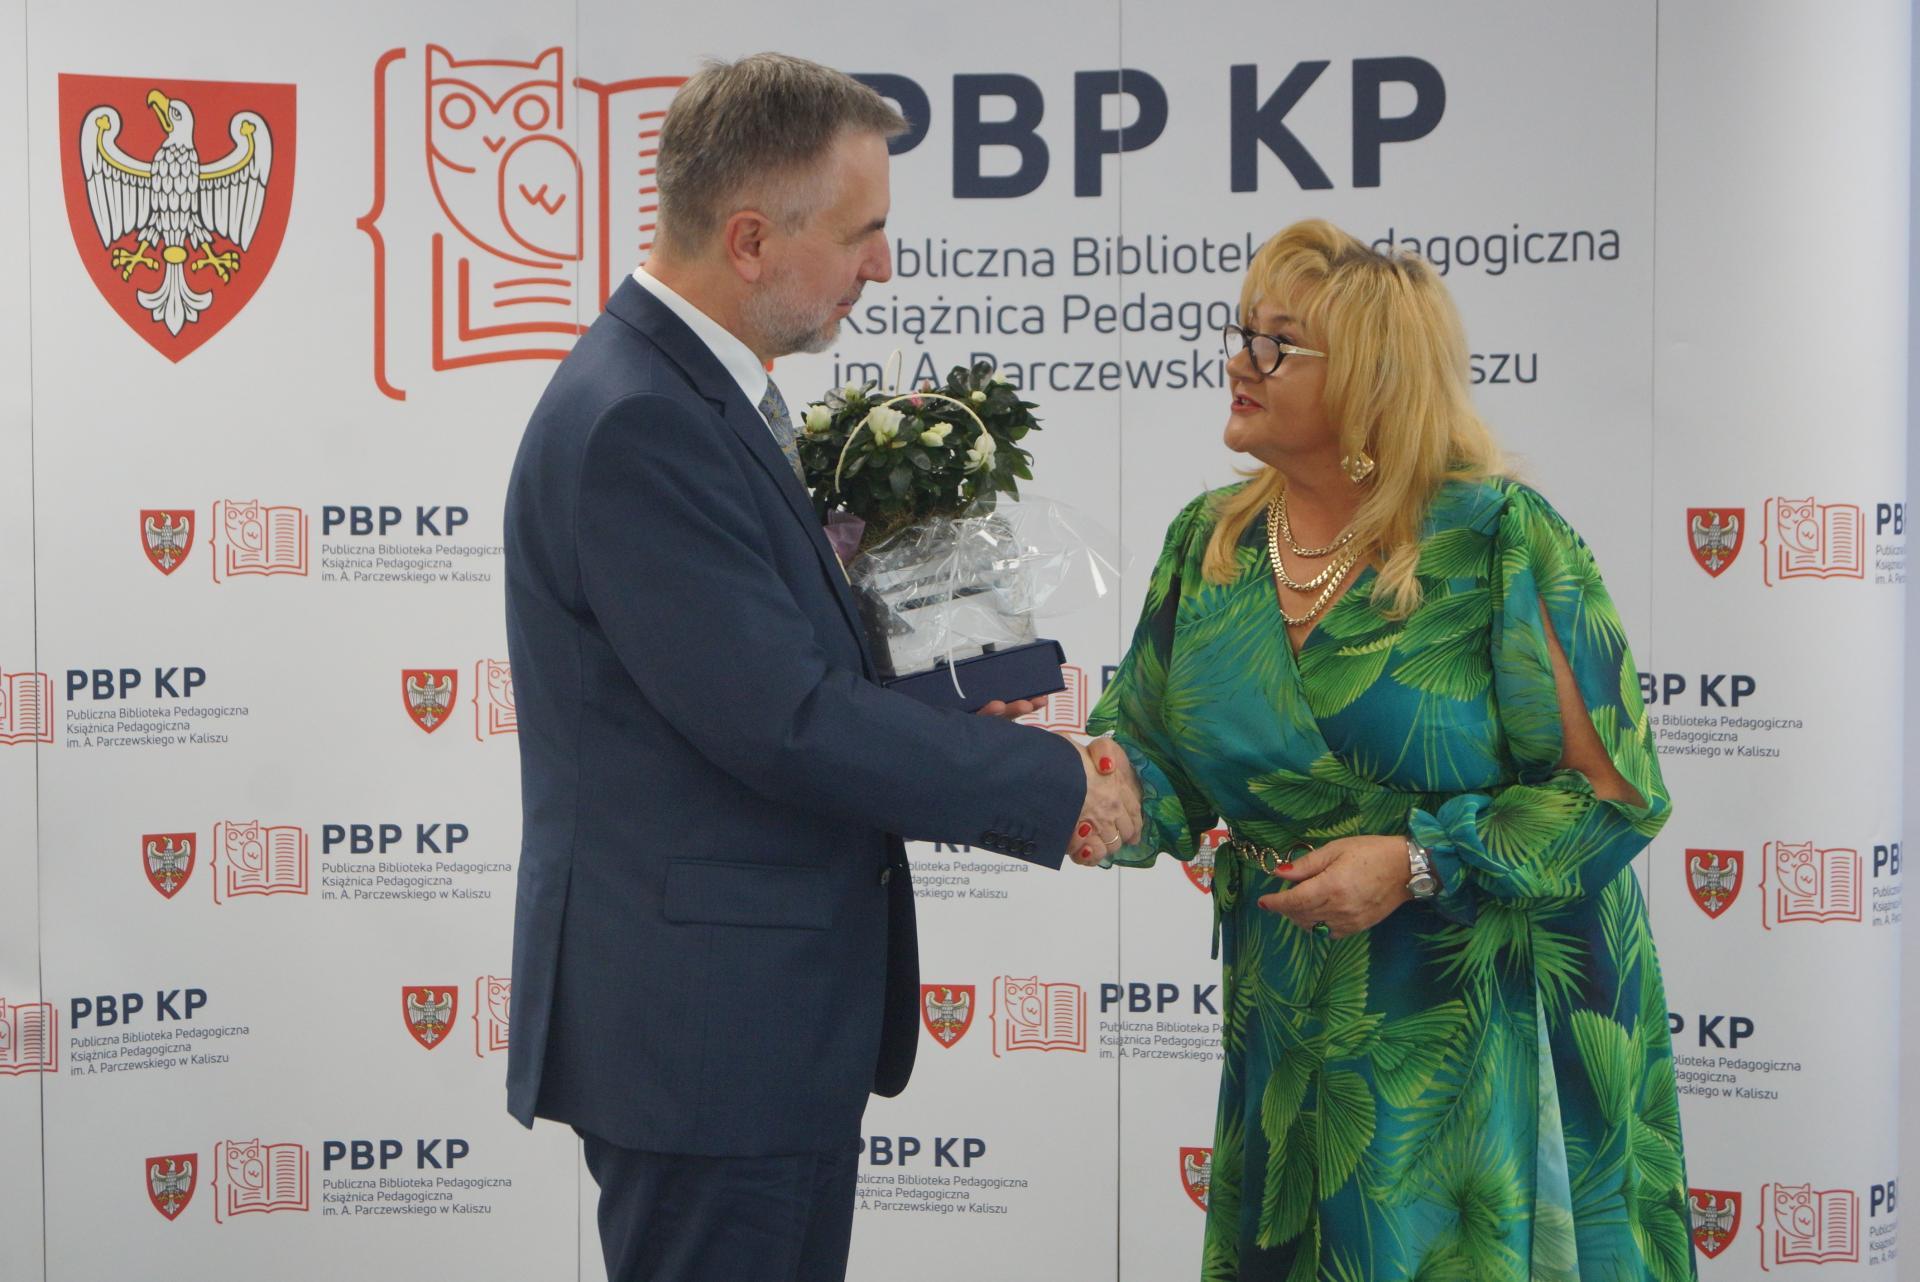 Książnica w Kaliszu uszyta na miarę XXI wieku otwarta! - zobacz więcej